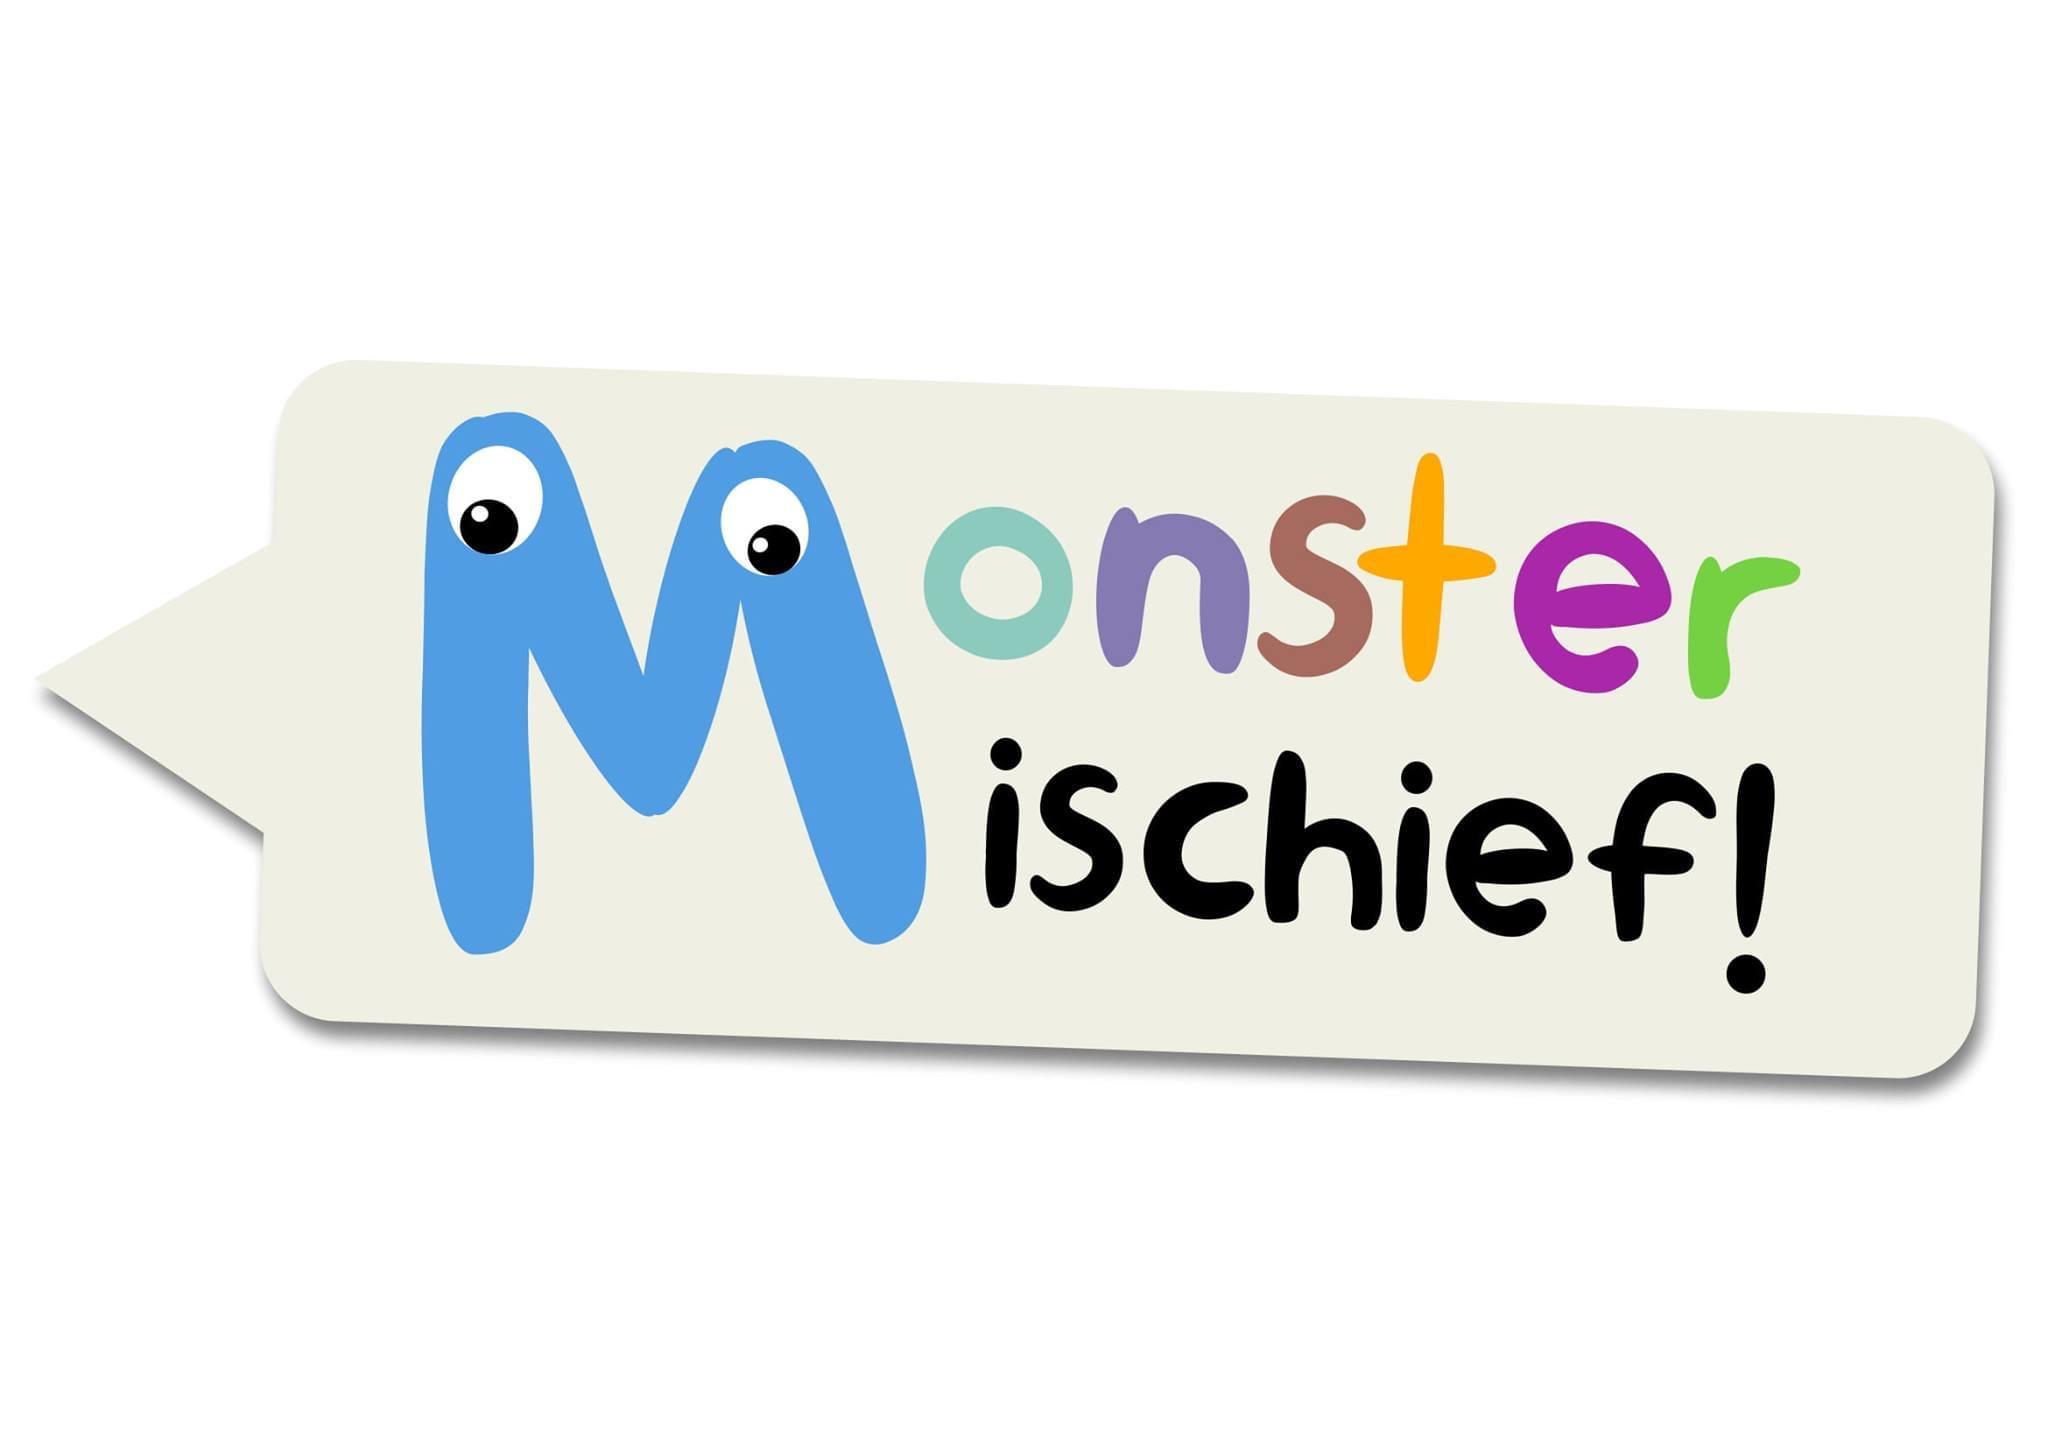 Monster mischief's logo